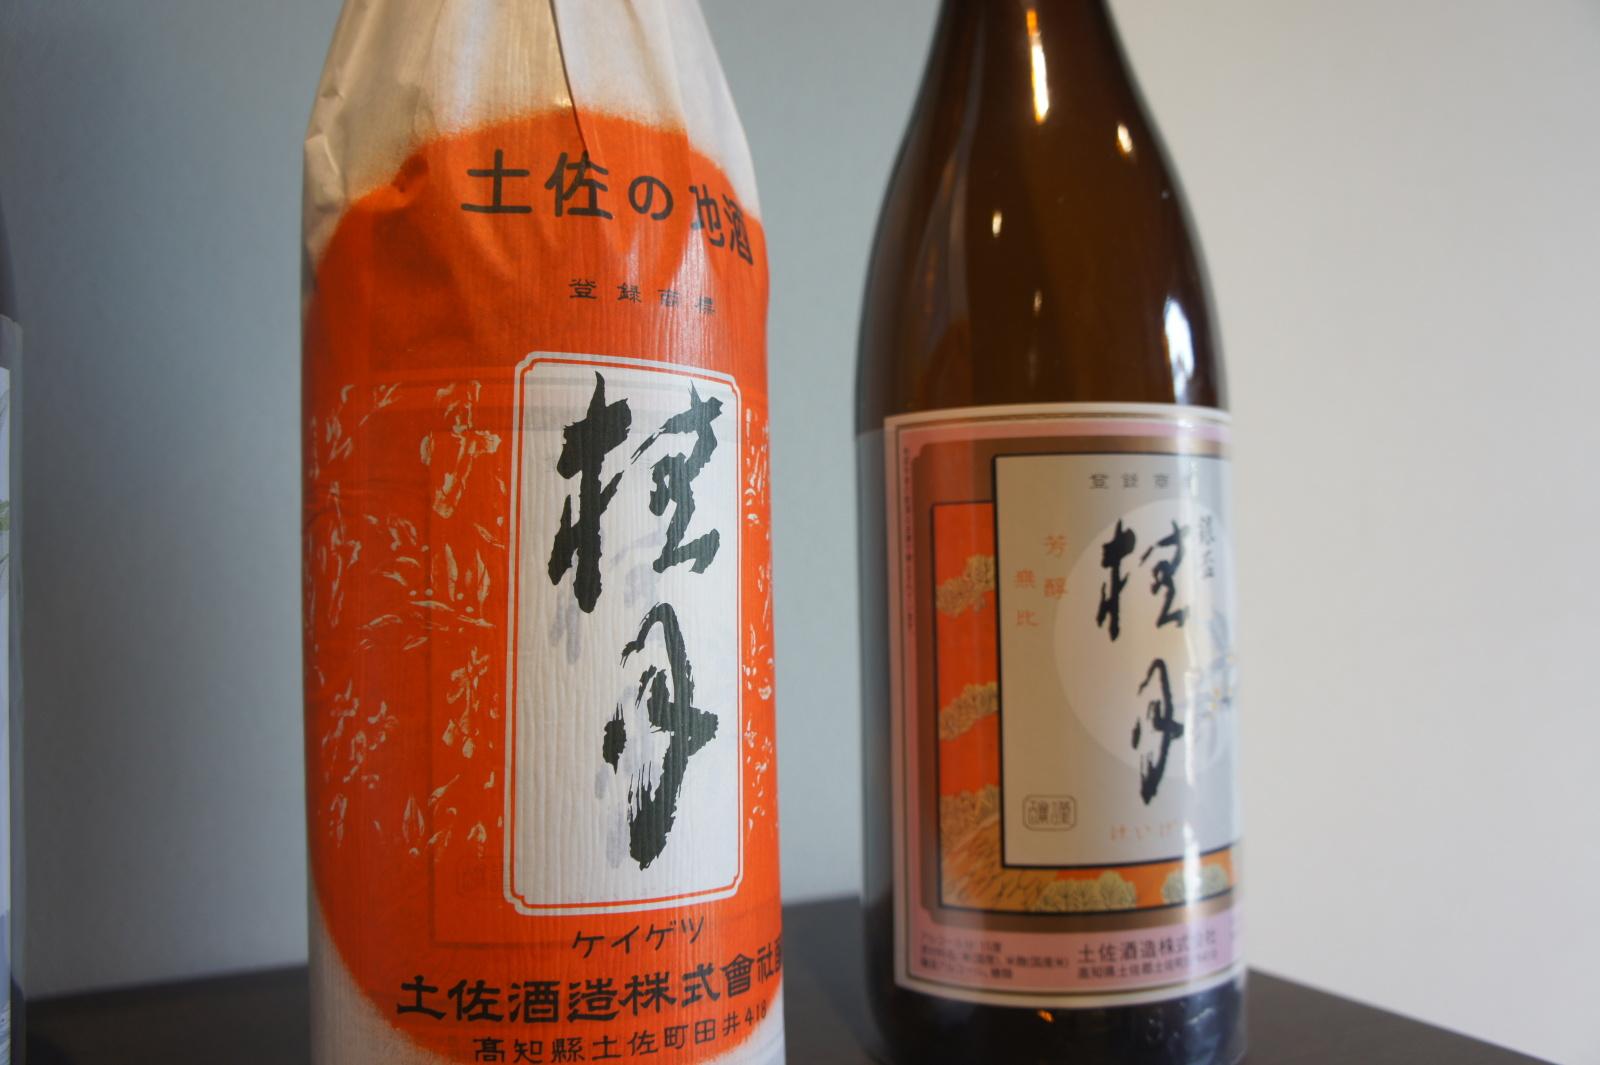 地元産の米と岩清水で醸された「桂月金盃」は土佐嶺北の人々に今も愛されている